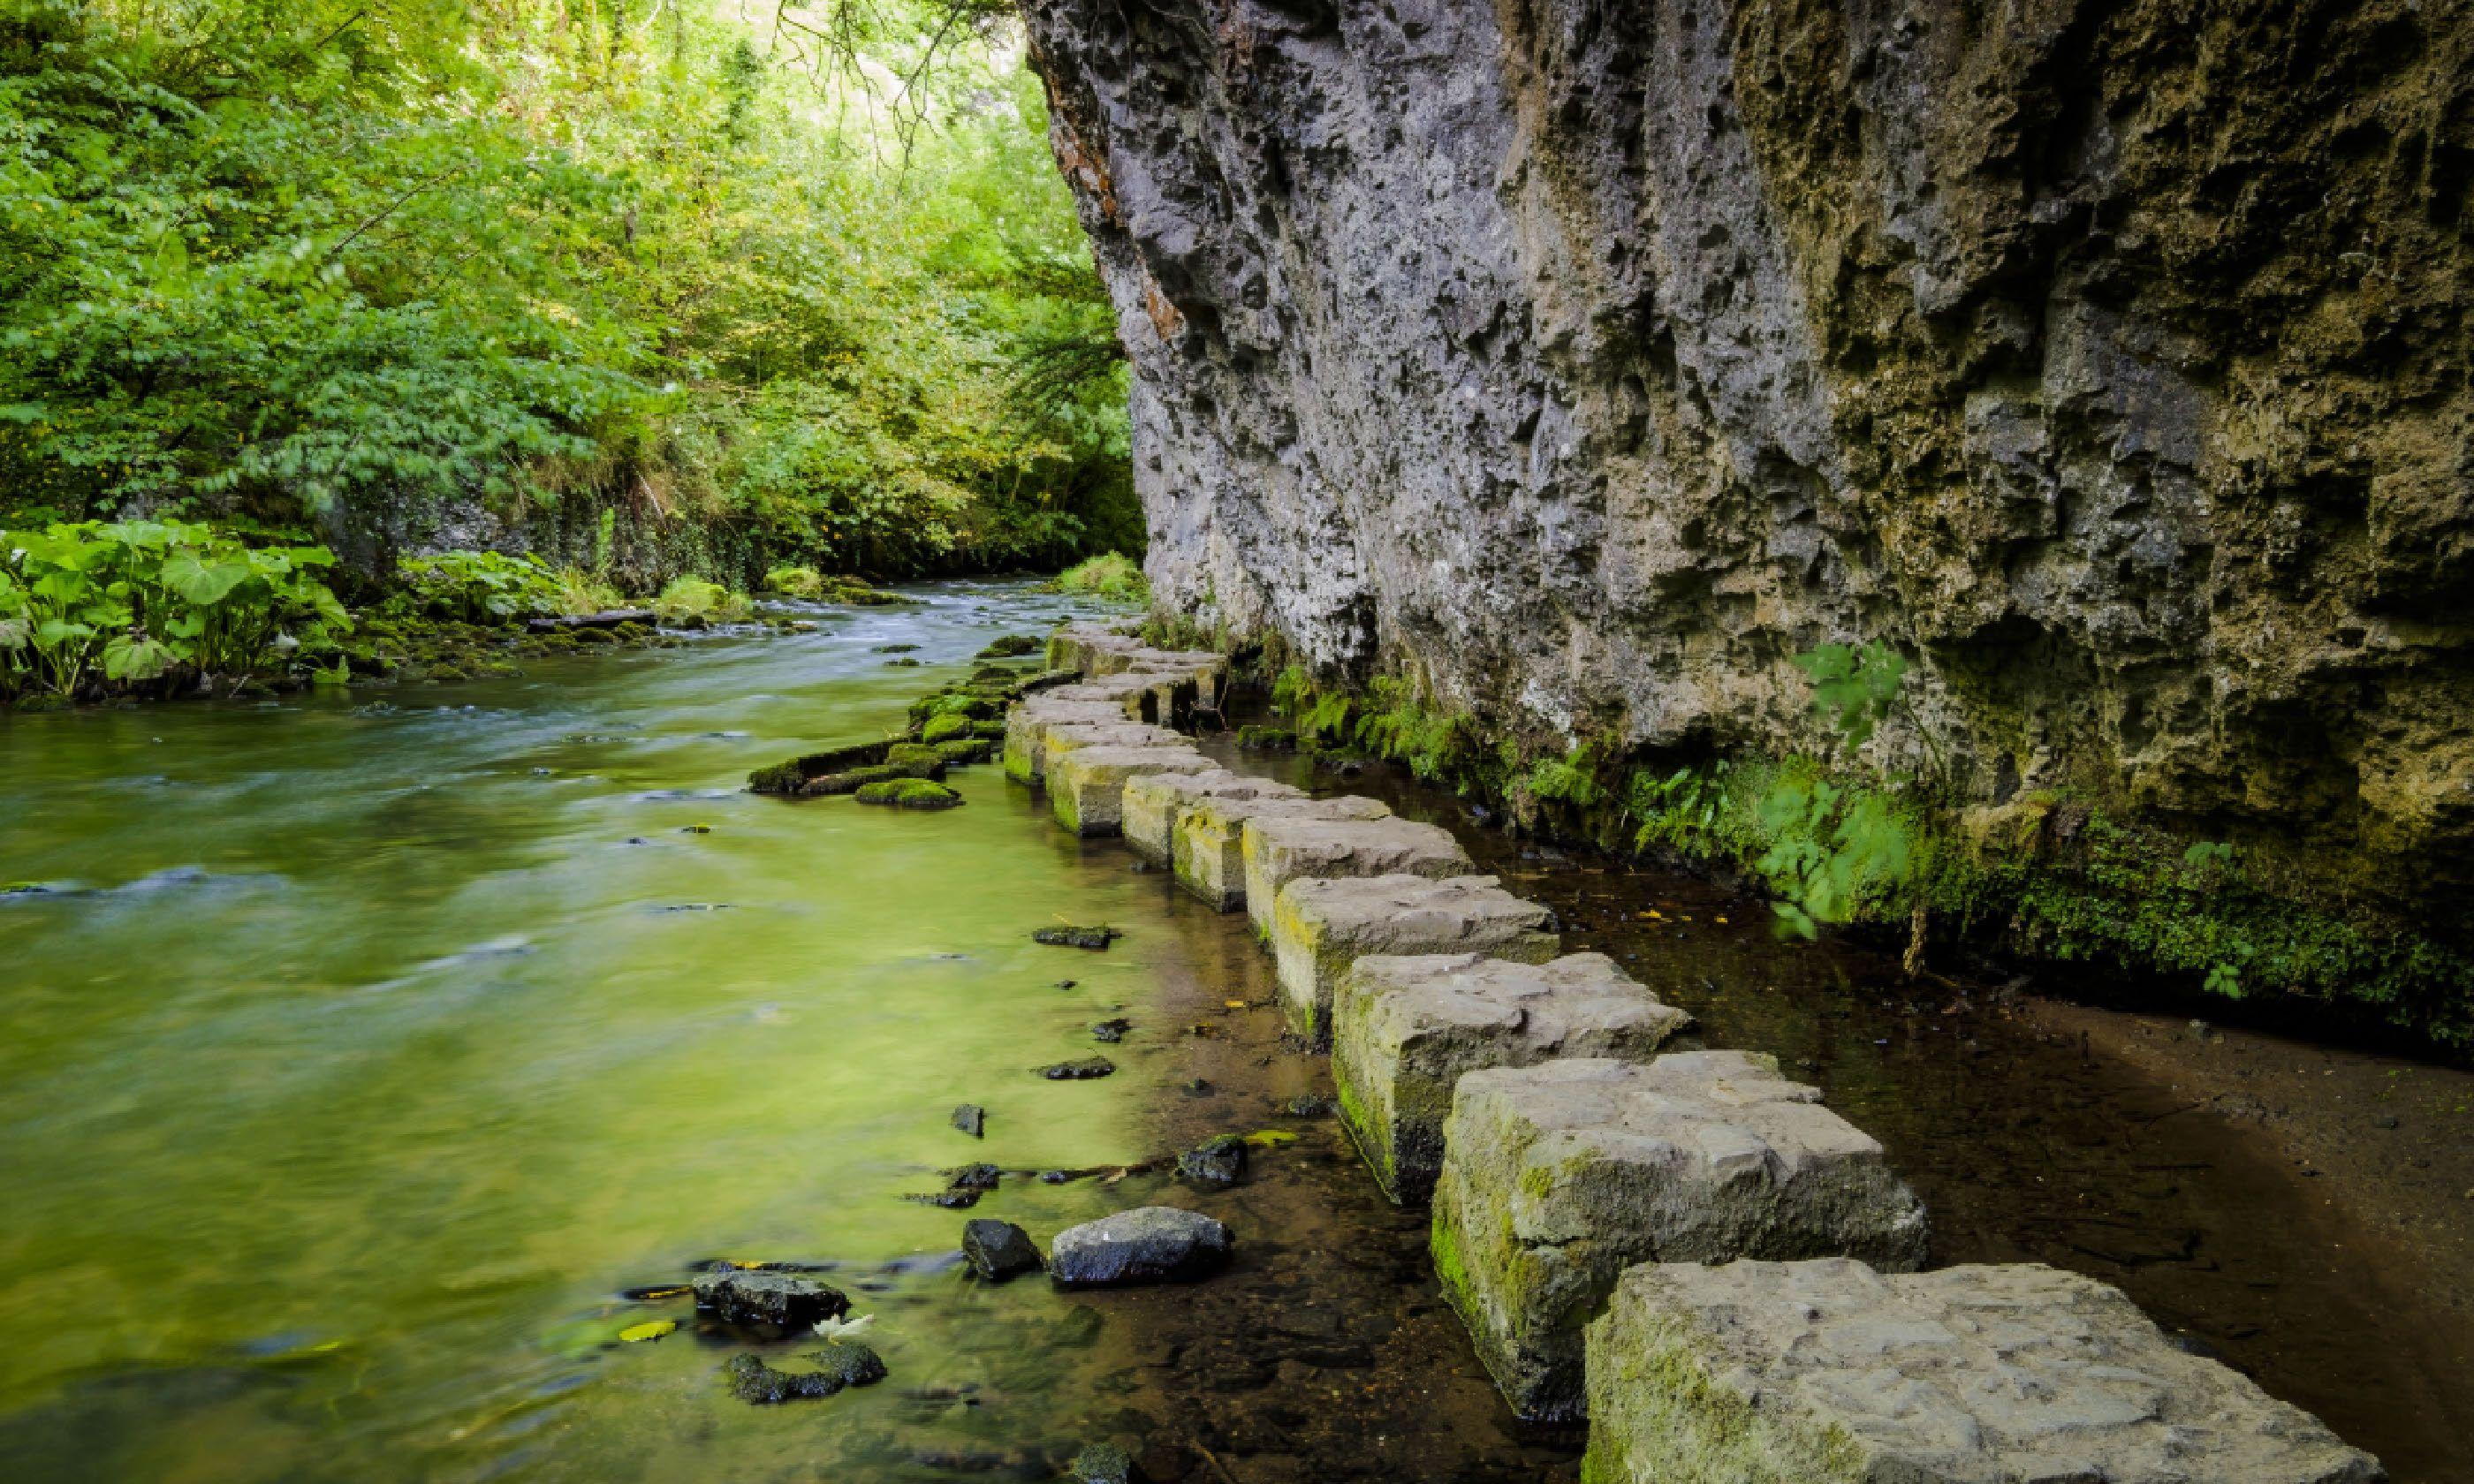 River Wye in Chee Dale (Shutterstock)